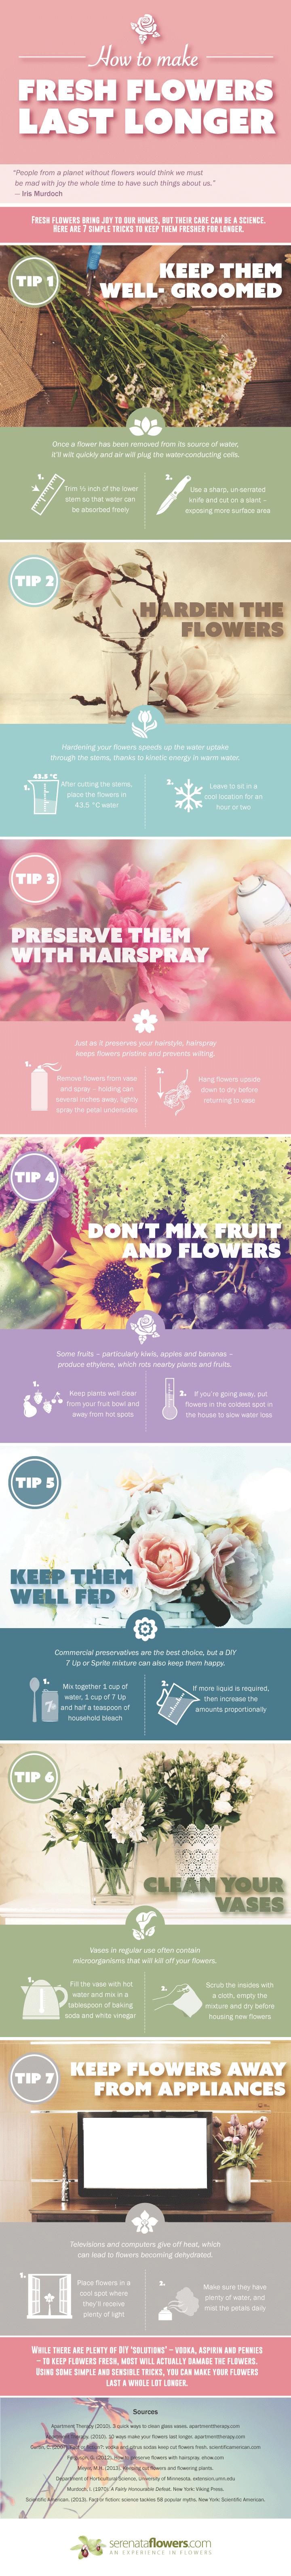 Make cut flowers last longer with hairspray fresh flowers make cut flowers last longer with hairspray reviewsmspy